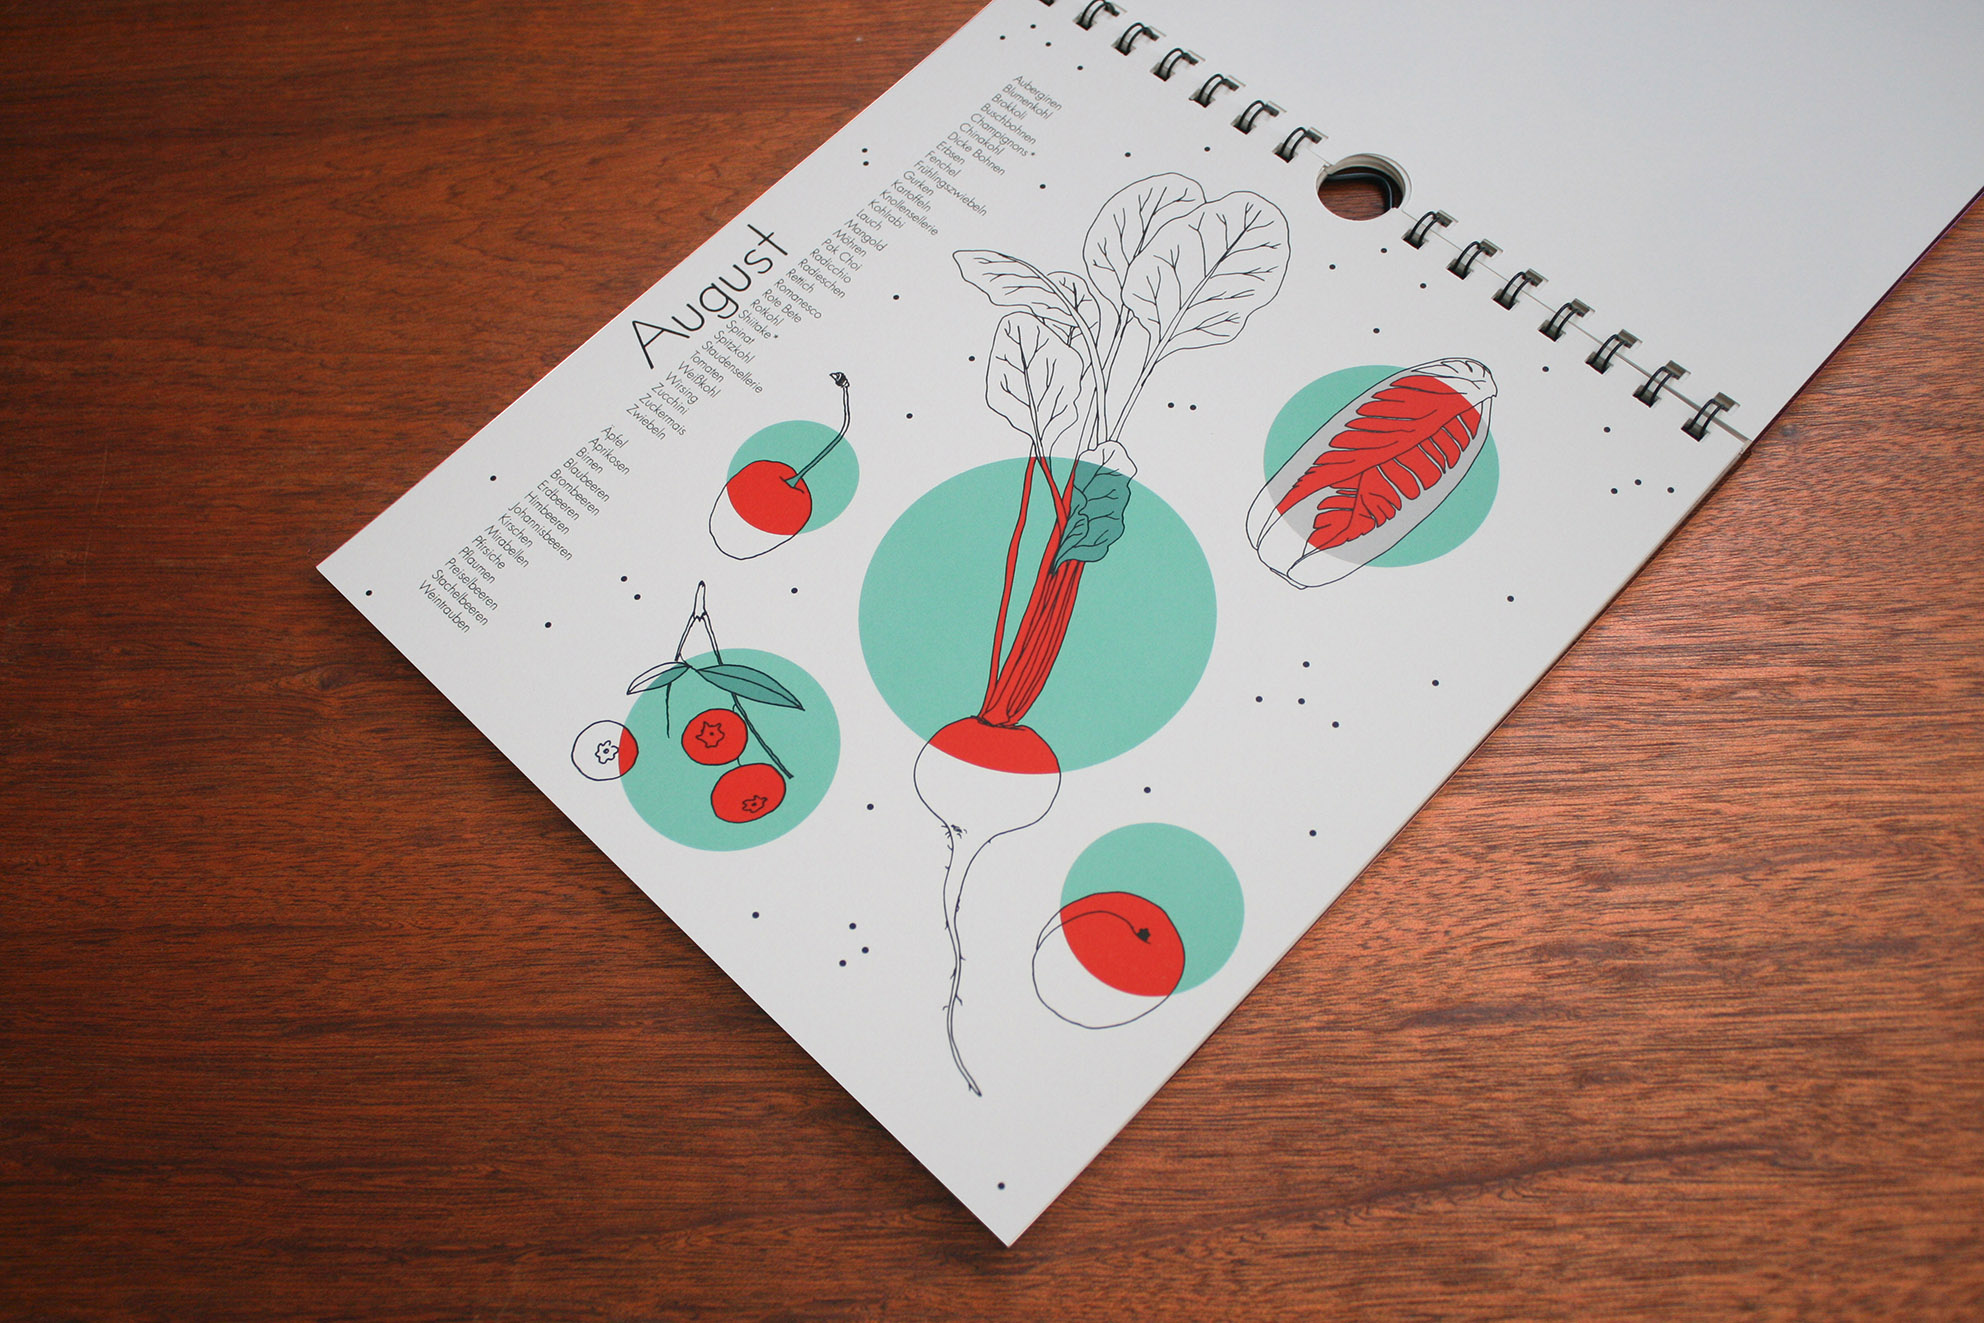 design saisonkalender Obst und Gemüse polypodium illustration